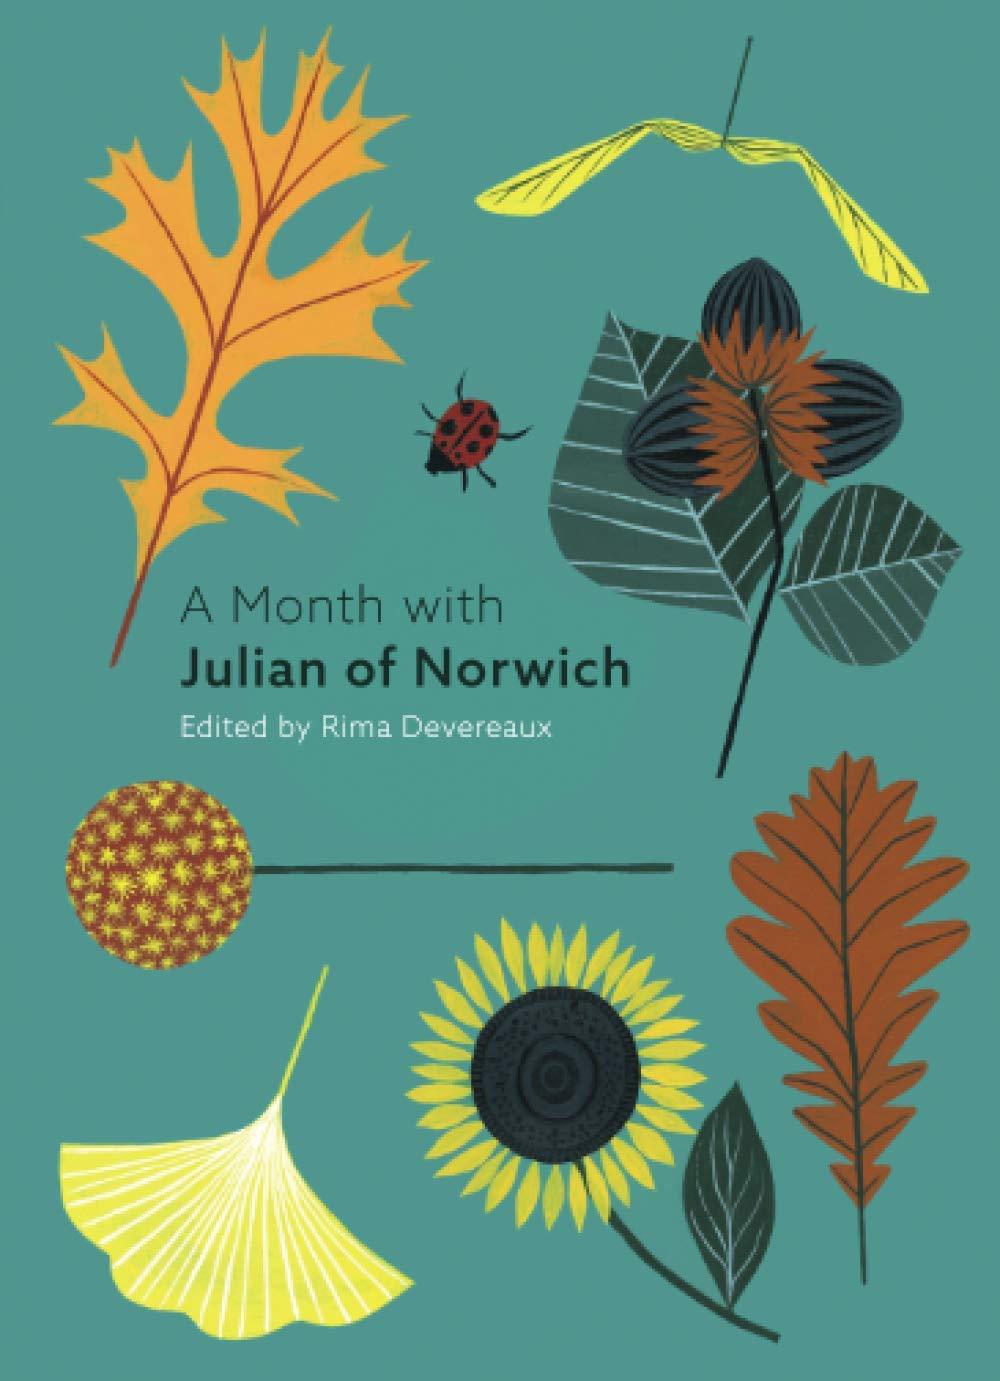 Libri Devereaux, Rima - A Month With Julian Of Norwich [Edizione: Regno Unito] NUOVO SIGILLATO, EDIZIONE DEL 21/01/2018 SUBITO DISPONIBILE